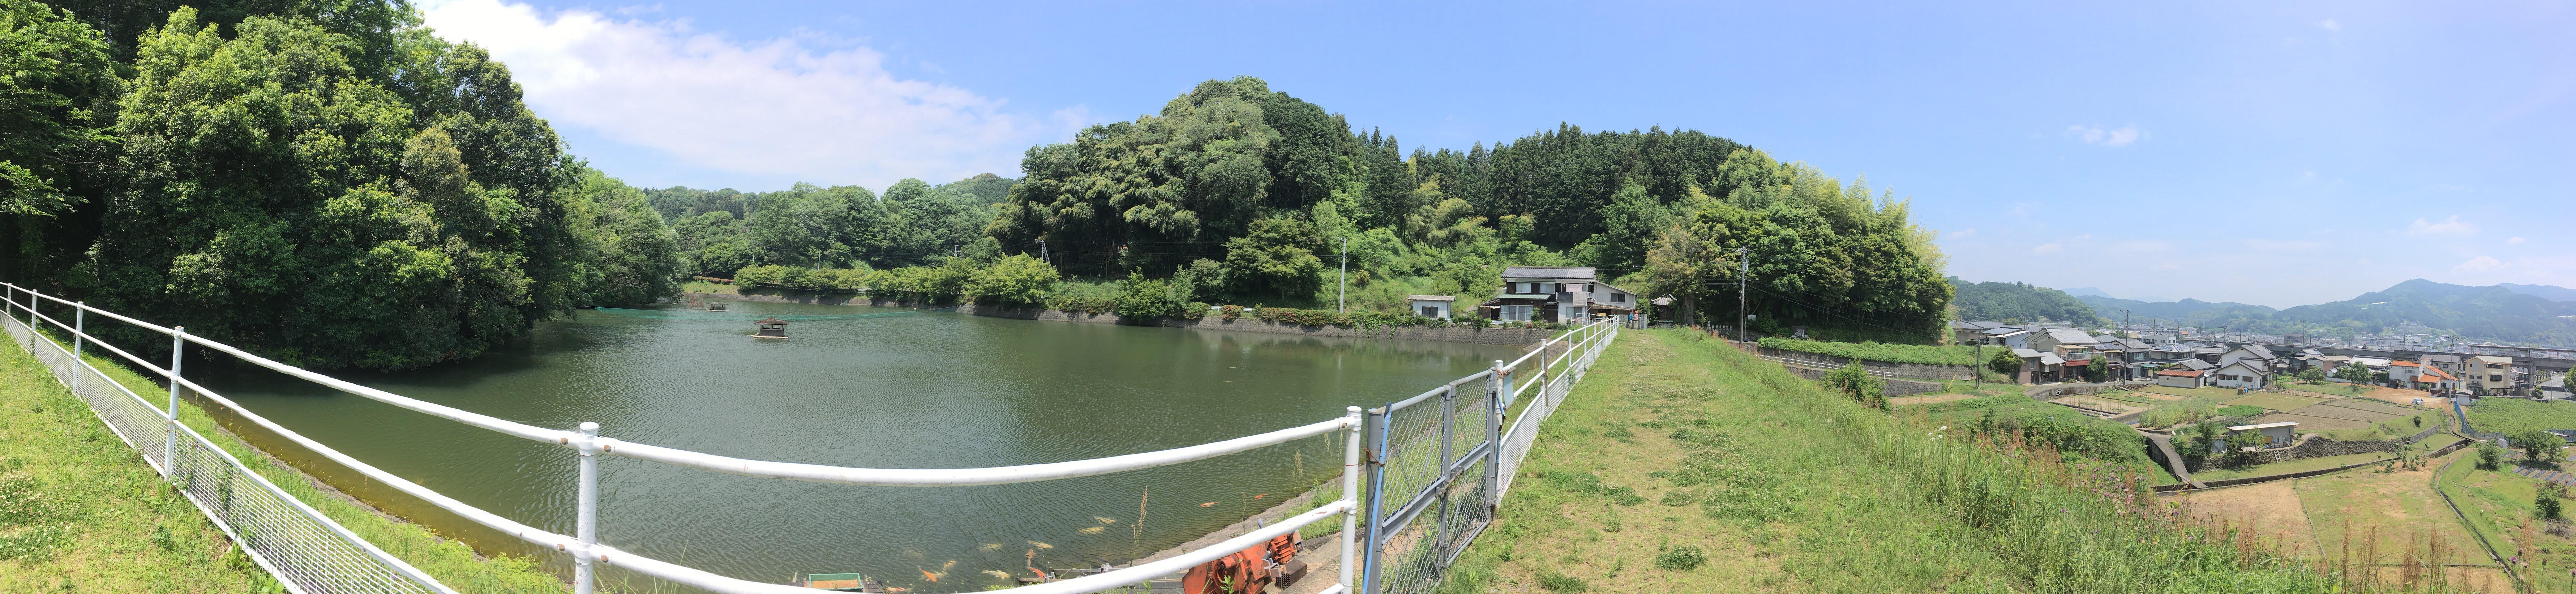 http://ud.t.u-tokyo.ac.jp/blog/2018/05/22/_images/IMG_1916.JPG